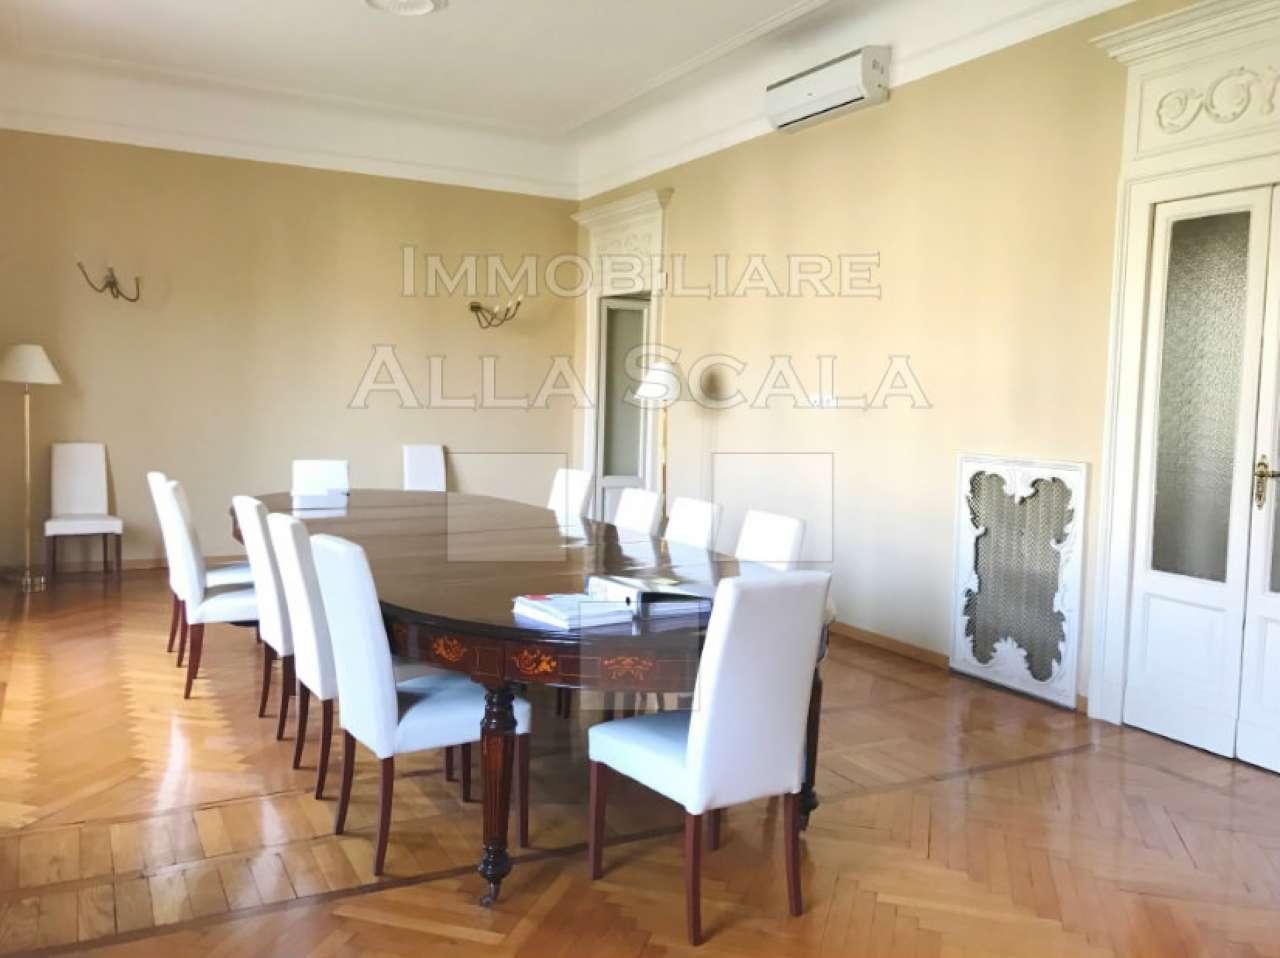 Ufficio / Studio in vendita a Milano, 9 locali, zona Zona: 1 . Centro Storico, Duomo, Brera, Cadorna, Cattolica, prezzo € 2.400.000 | CambioCasa.it